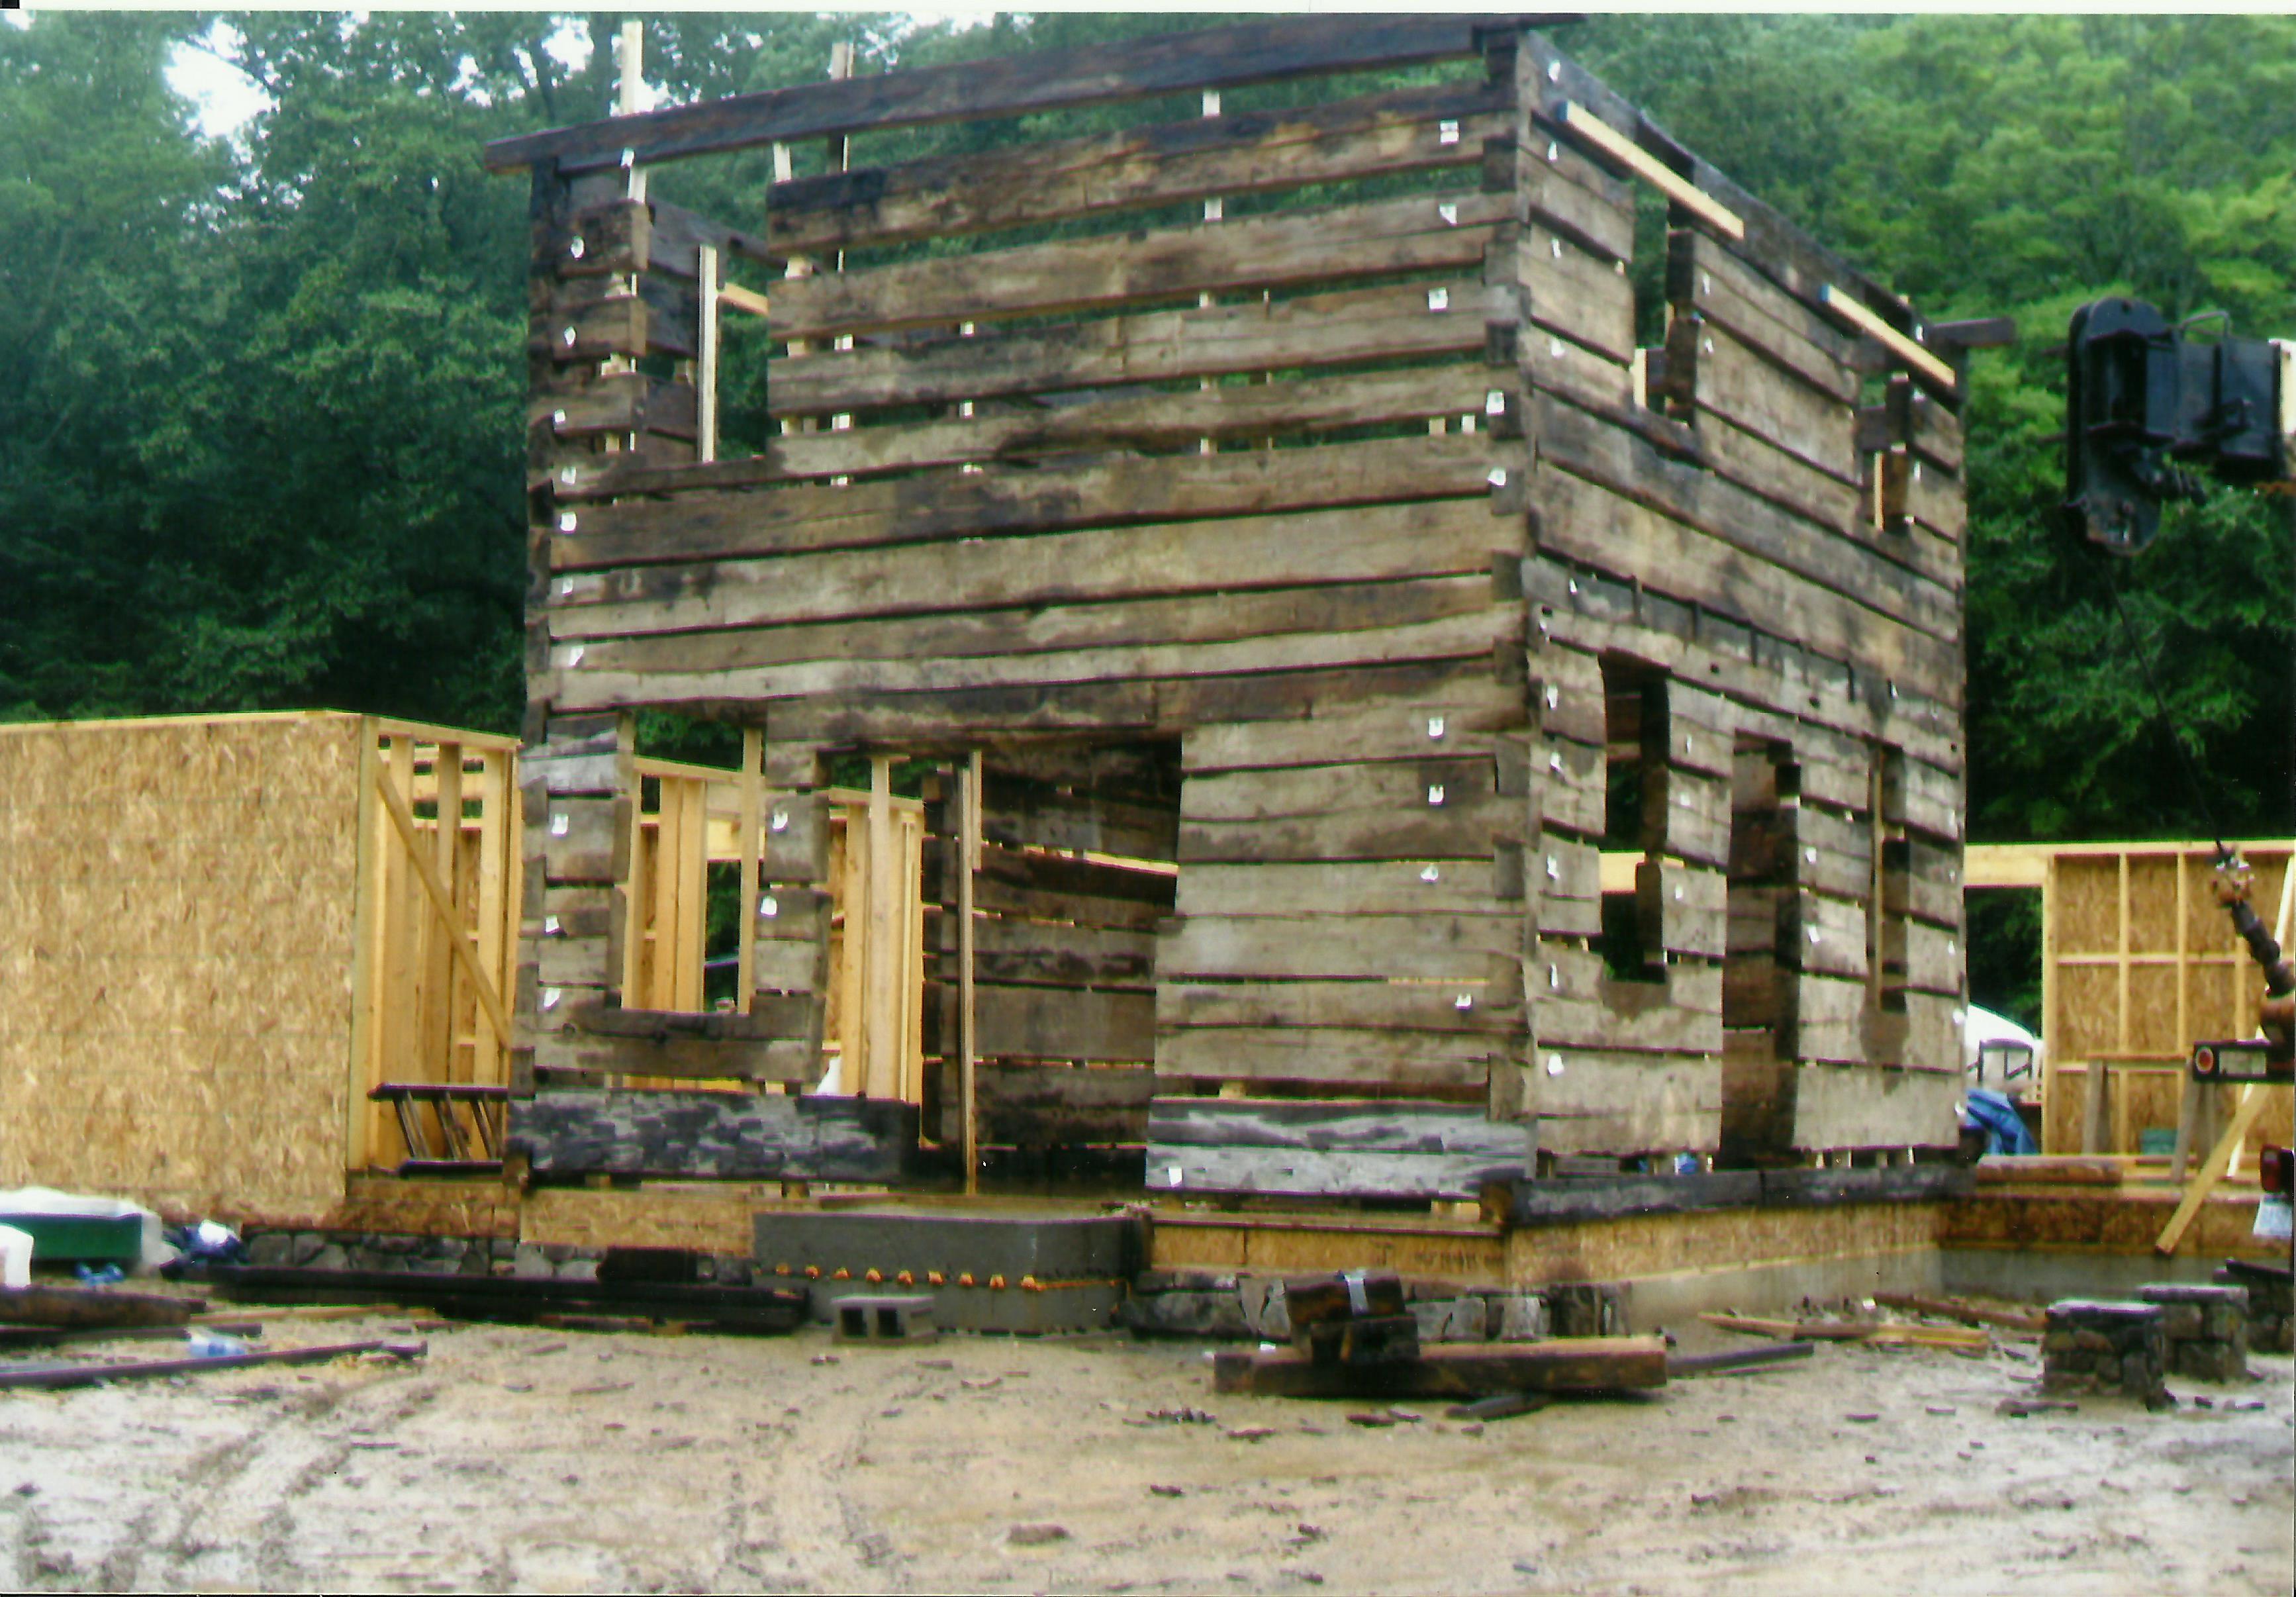 log-cabin-set-up-on-new-foundation